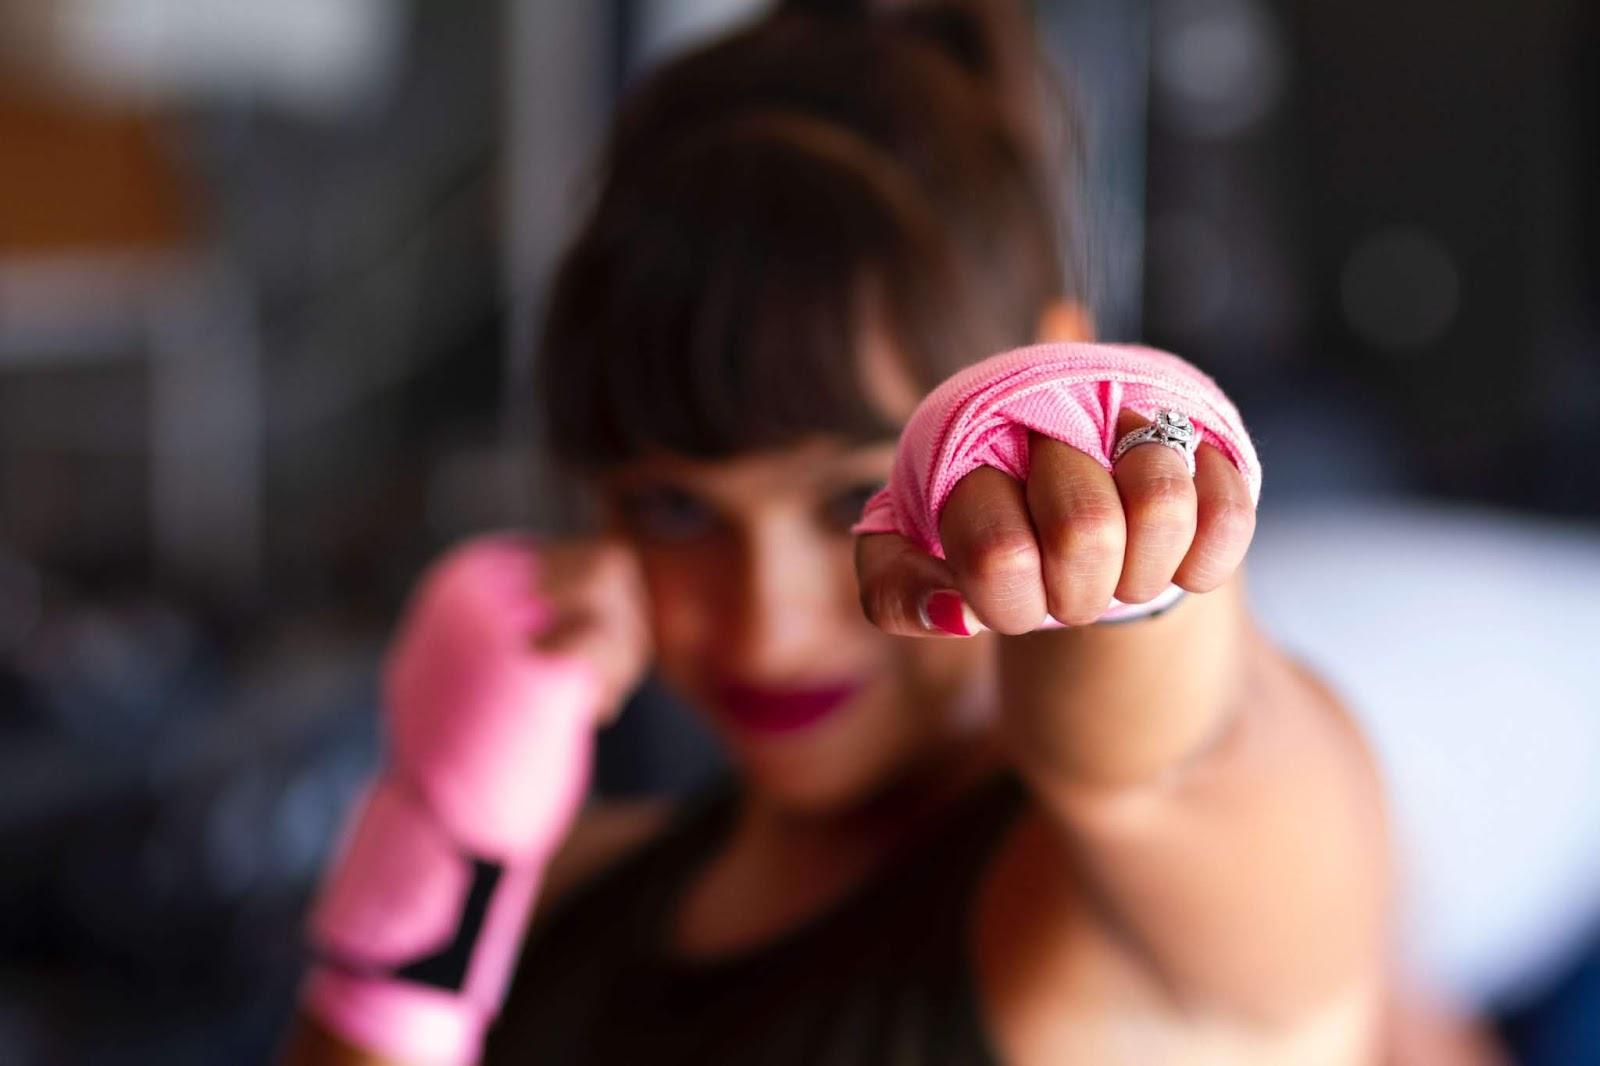 Awas! Kenali Jenis Makanan Penyebab Kanker Payudara yang Perlu Dibatasi!